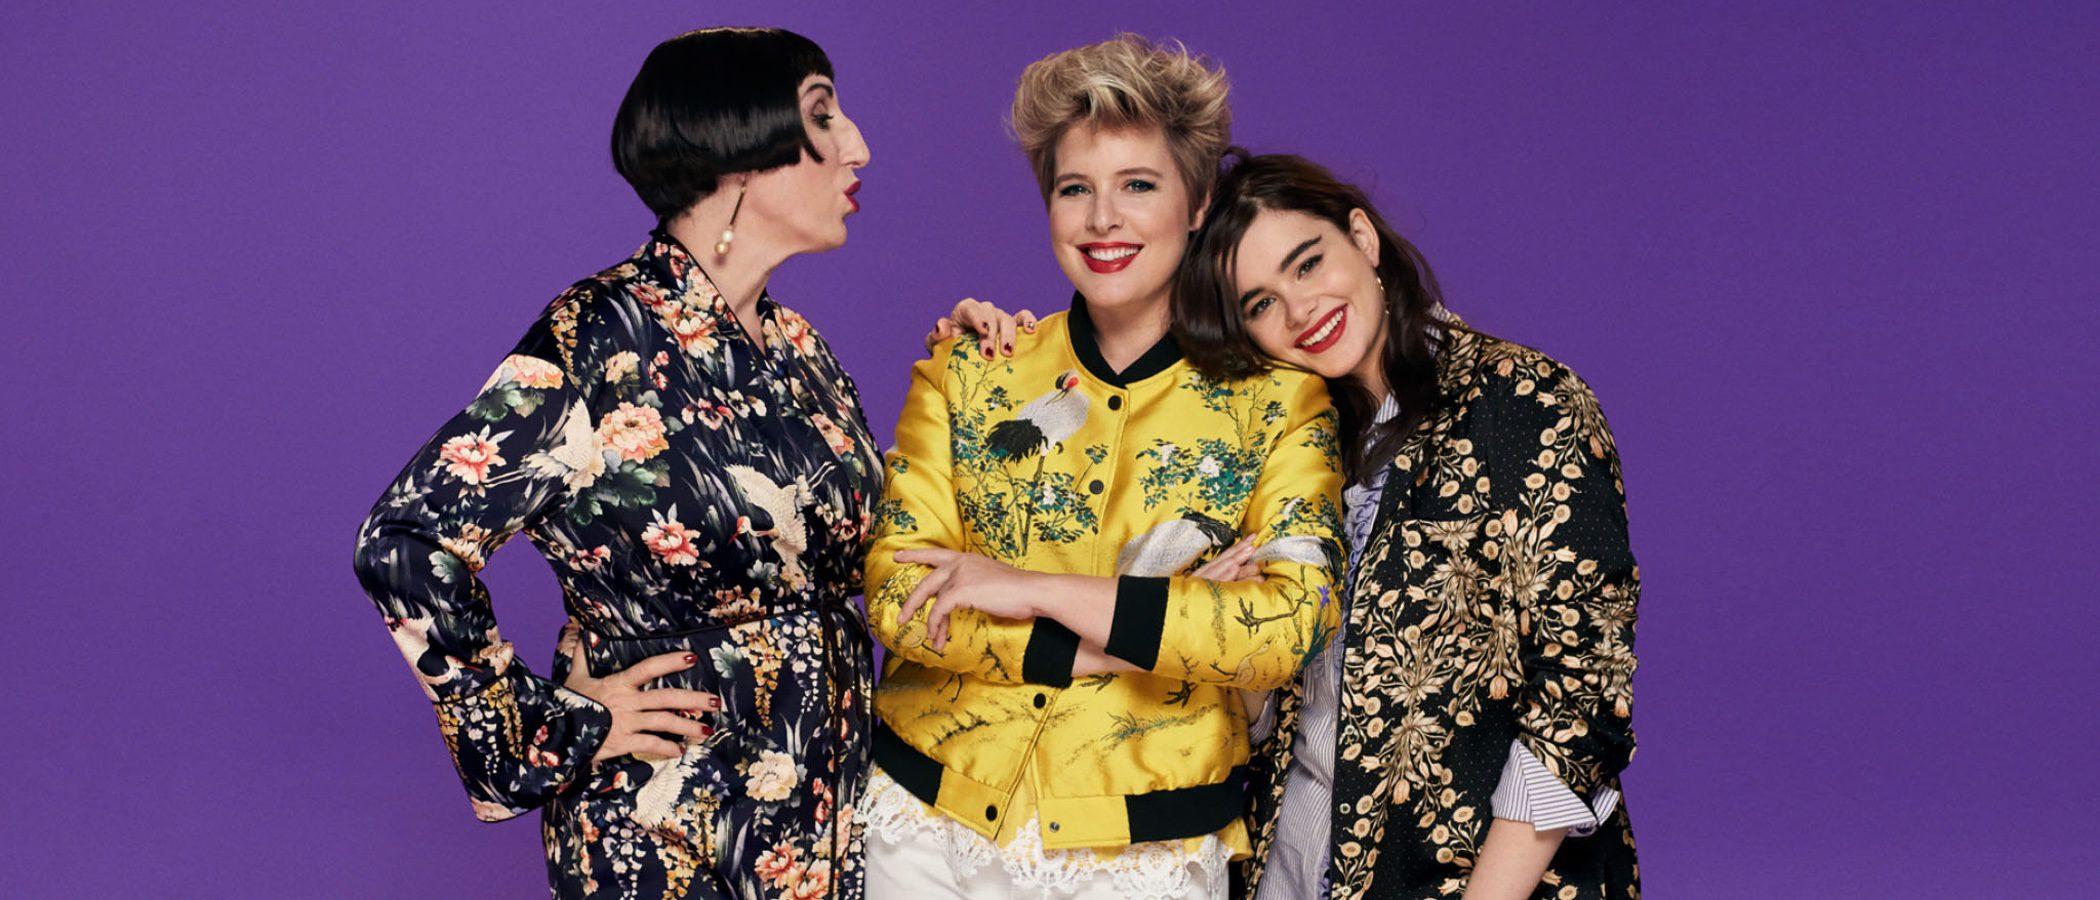 Rossy de Palma, Tania Llasera y Barbie Ferreira, protagonistas de la nueva campaña de Violeta by Mango